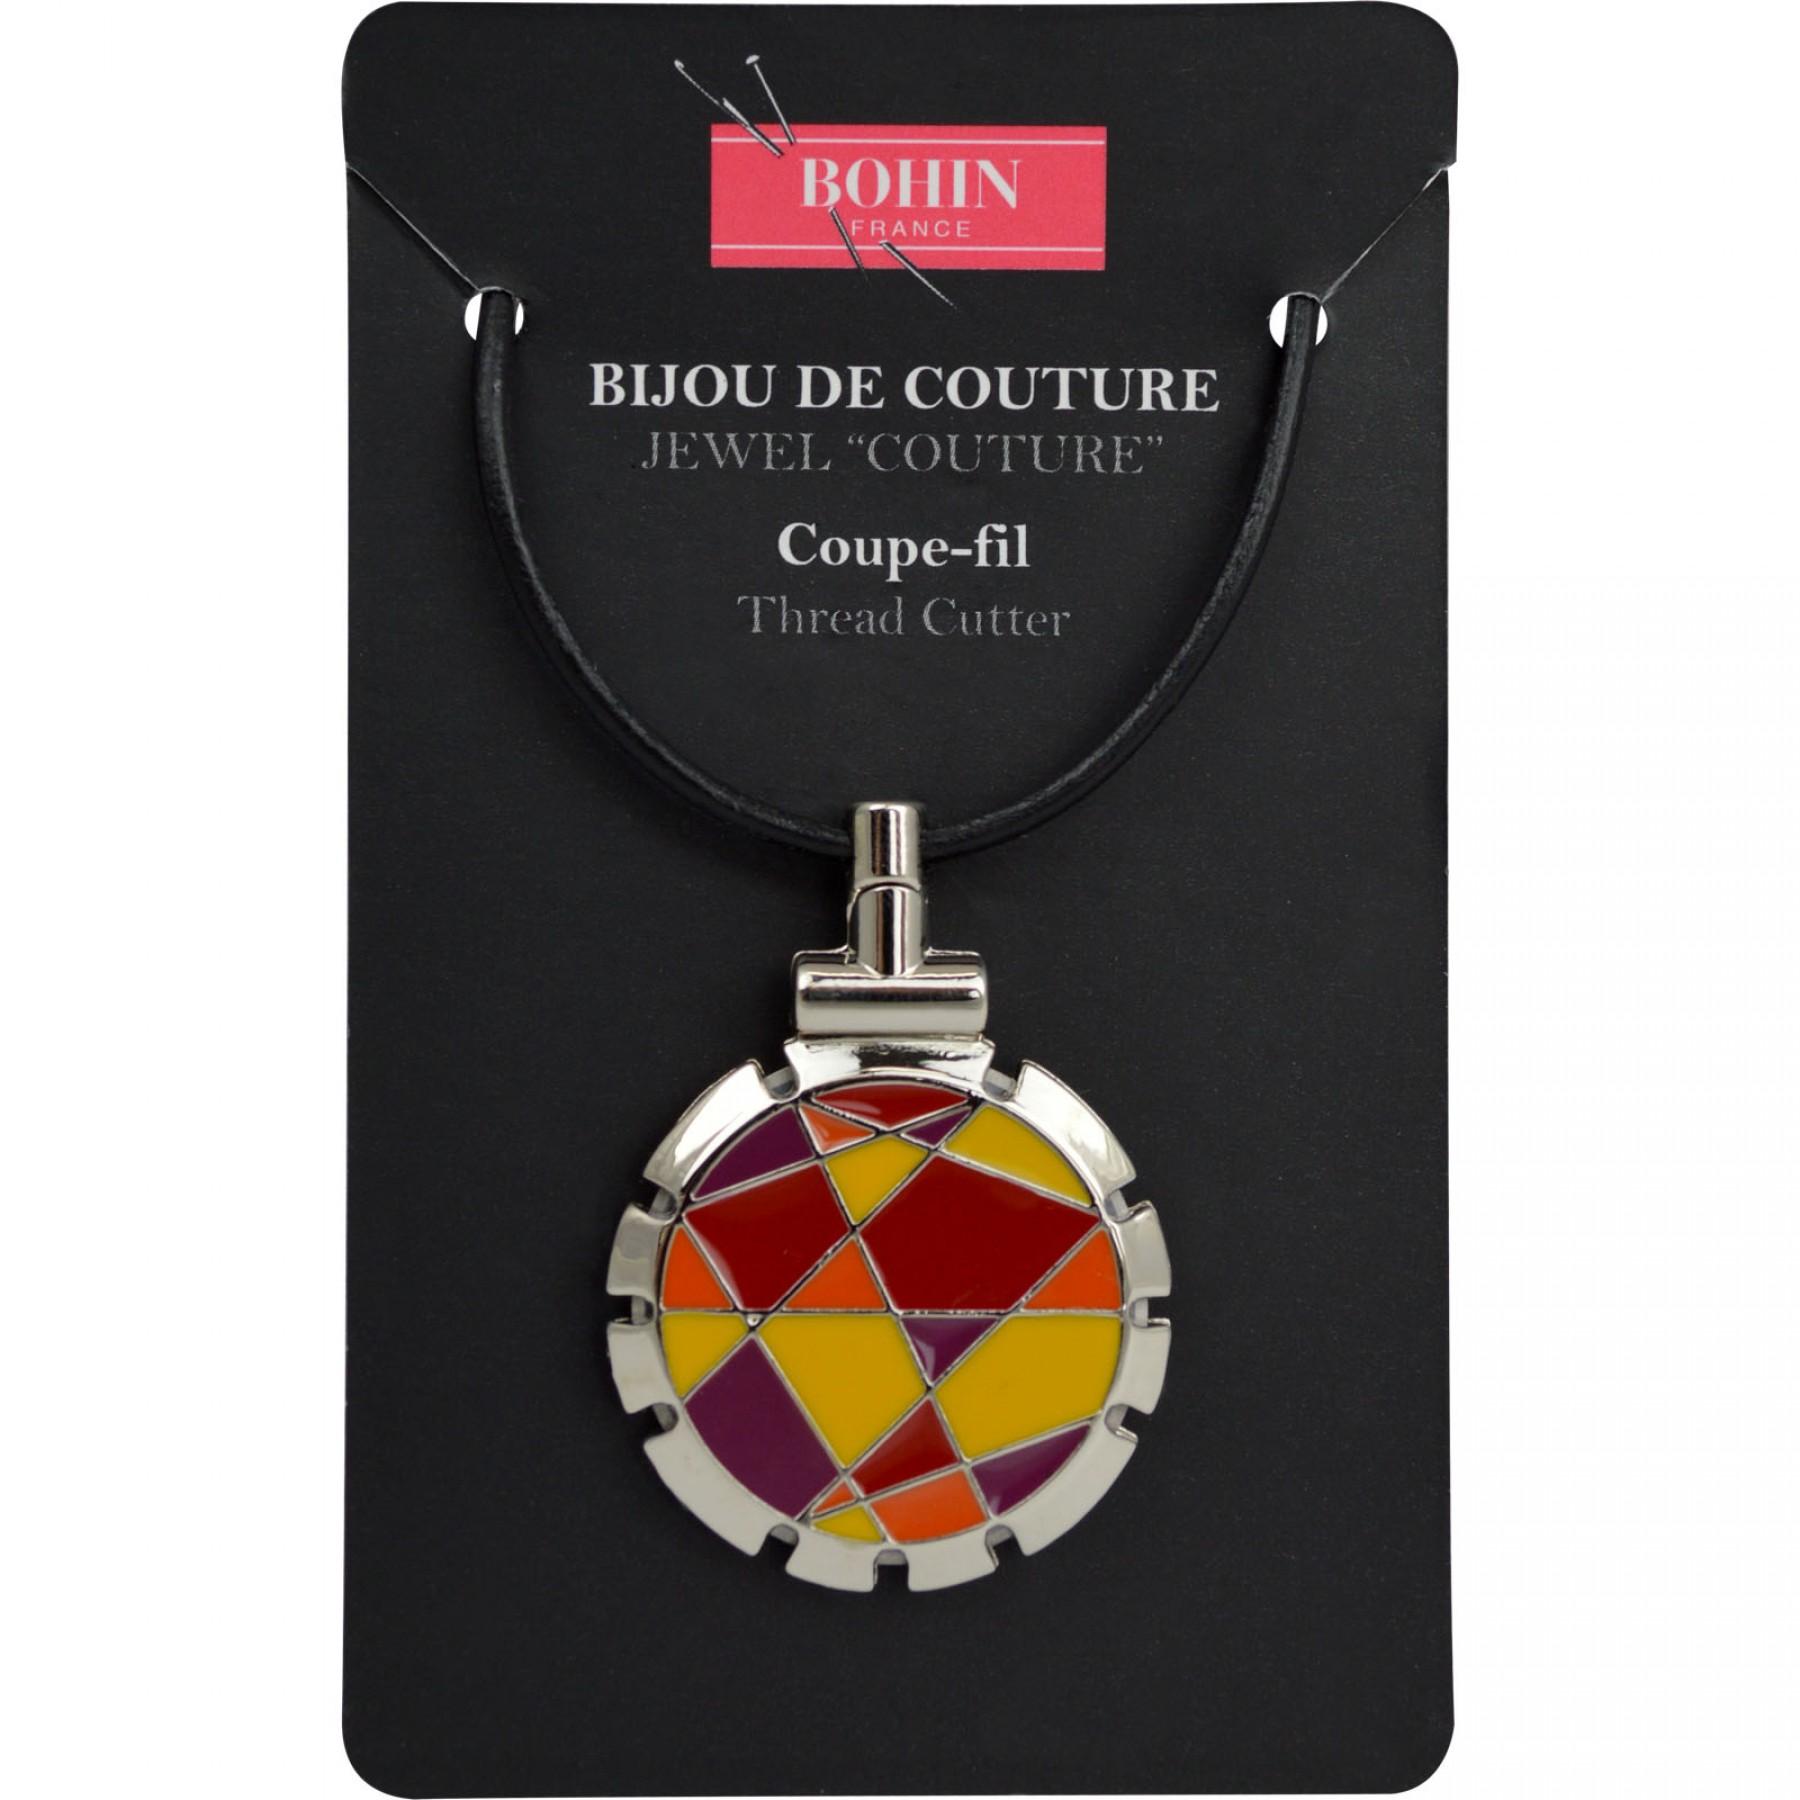 Jewel couture thread cutter ee schenck co jewel couture thread cutter mozeypictures Gallery